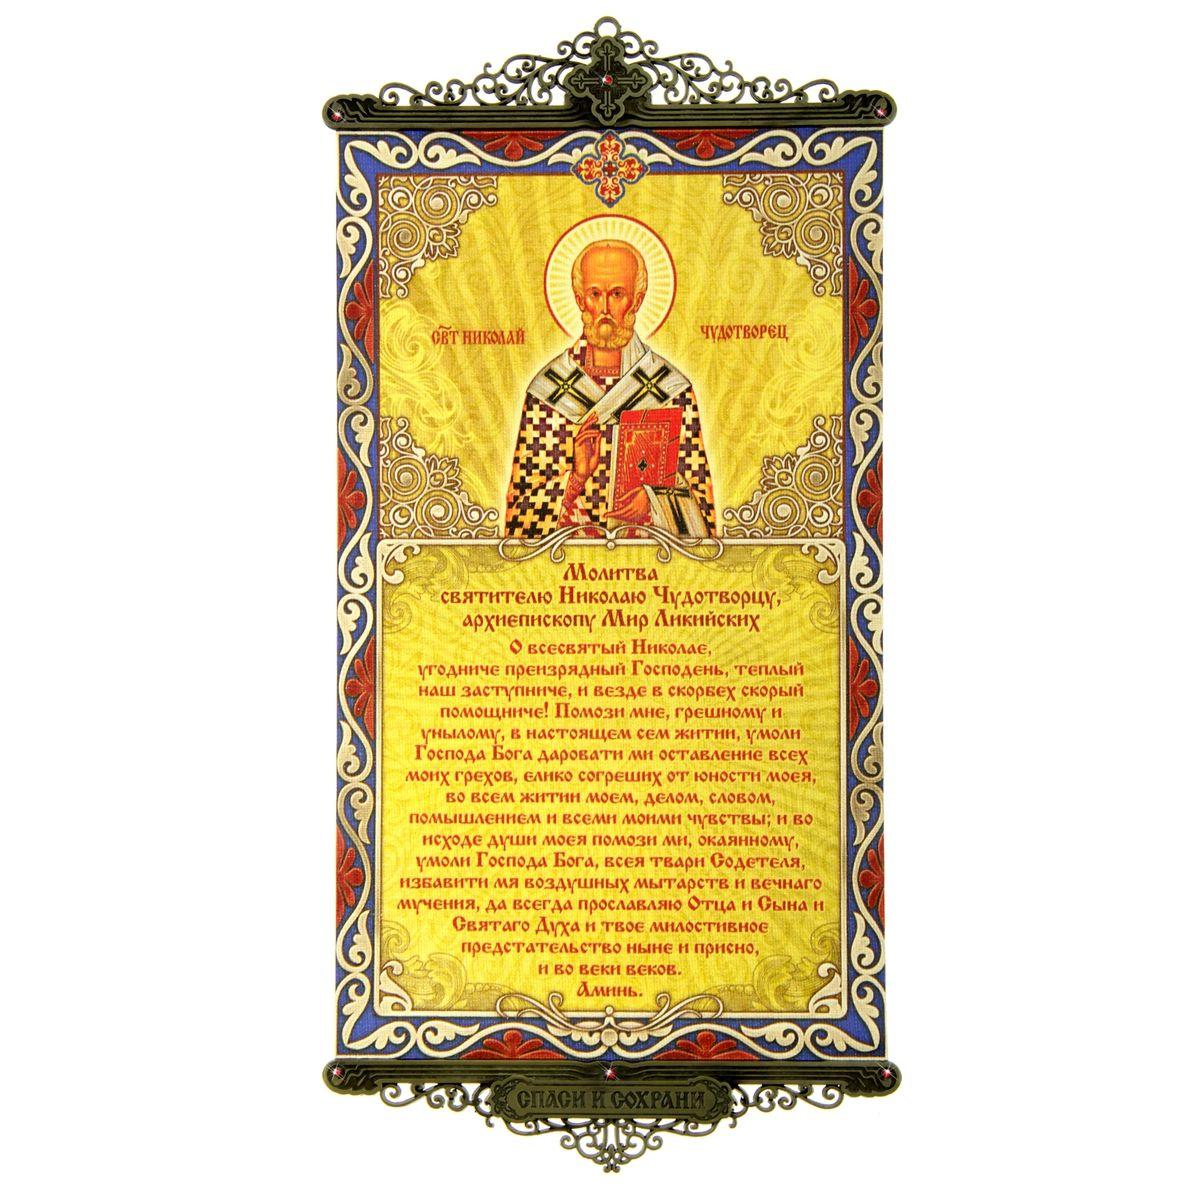 Икона с молитвой Молитва святителю Николаю Чудотворцу, на подвесах602829Икона с молитвой Молитва святителю Николаю Чудотворцу выполнена из плотного текстиля с нанесенным цветным рисунком, края декорированы ажурными металлическими вставками со стразами. Цветовая гамма и интерьер влияют на настроение каждого, именно поэтому так важны детали, которые нас окружают. Знатоки интерьерных решений стараются применять самые разнообразные решения при художественном оформлении внутреннего пространства и использовать все возможные материалы. Икона с молитвой на подвесах - это хорошее решение для интерьера по выгодной цене!